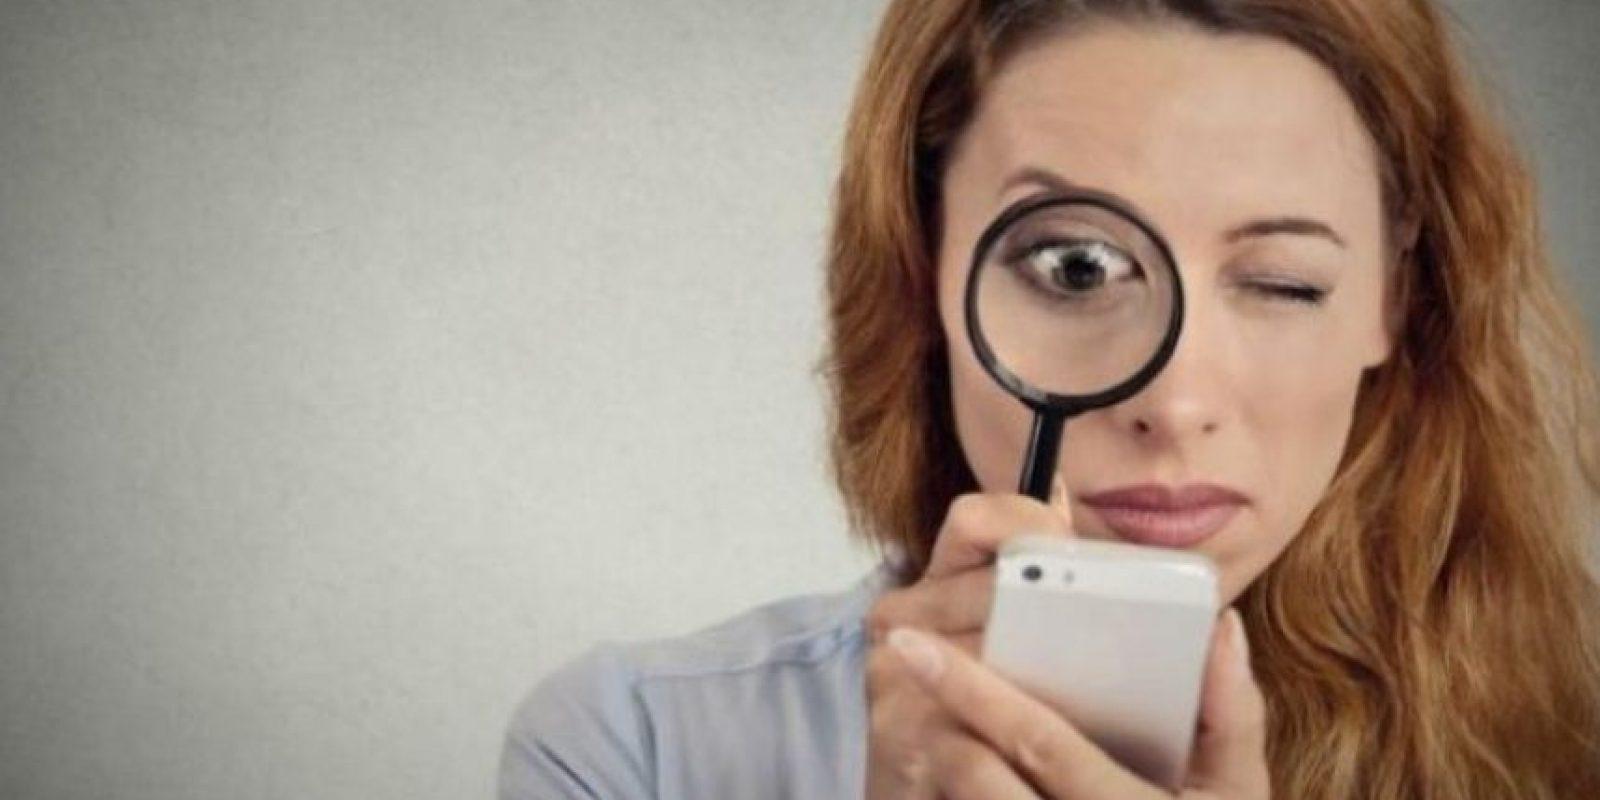 5. ¿Puede enterarse mucha gente de lo que publico en la intimidad? Existen sitios que sí guardan los mensajes que se intercambian diariamente, aunque otros no guardan conversaciones y solamente comparten la información que permiten los usuarios. Foto:Pixabay